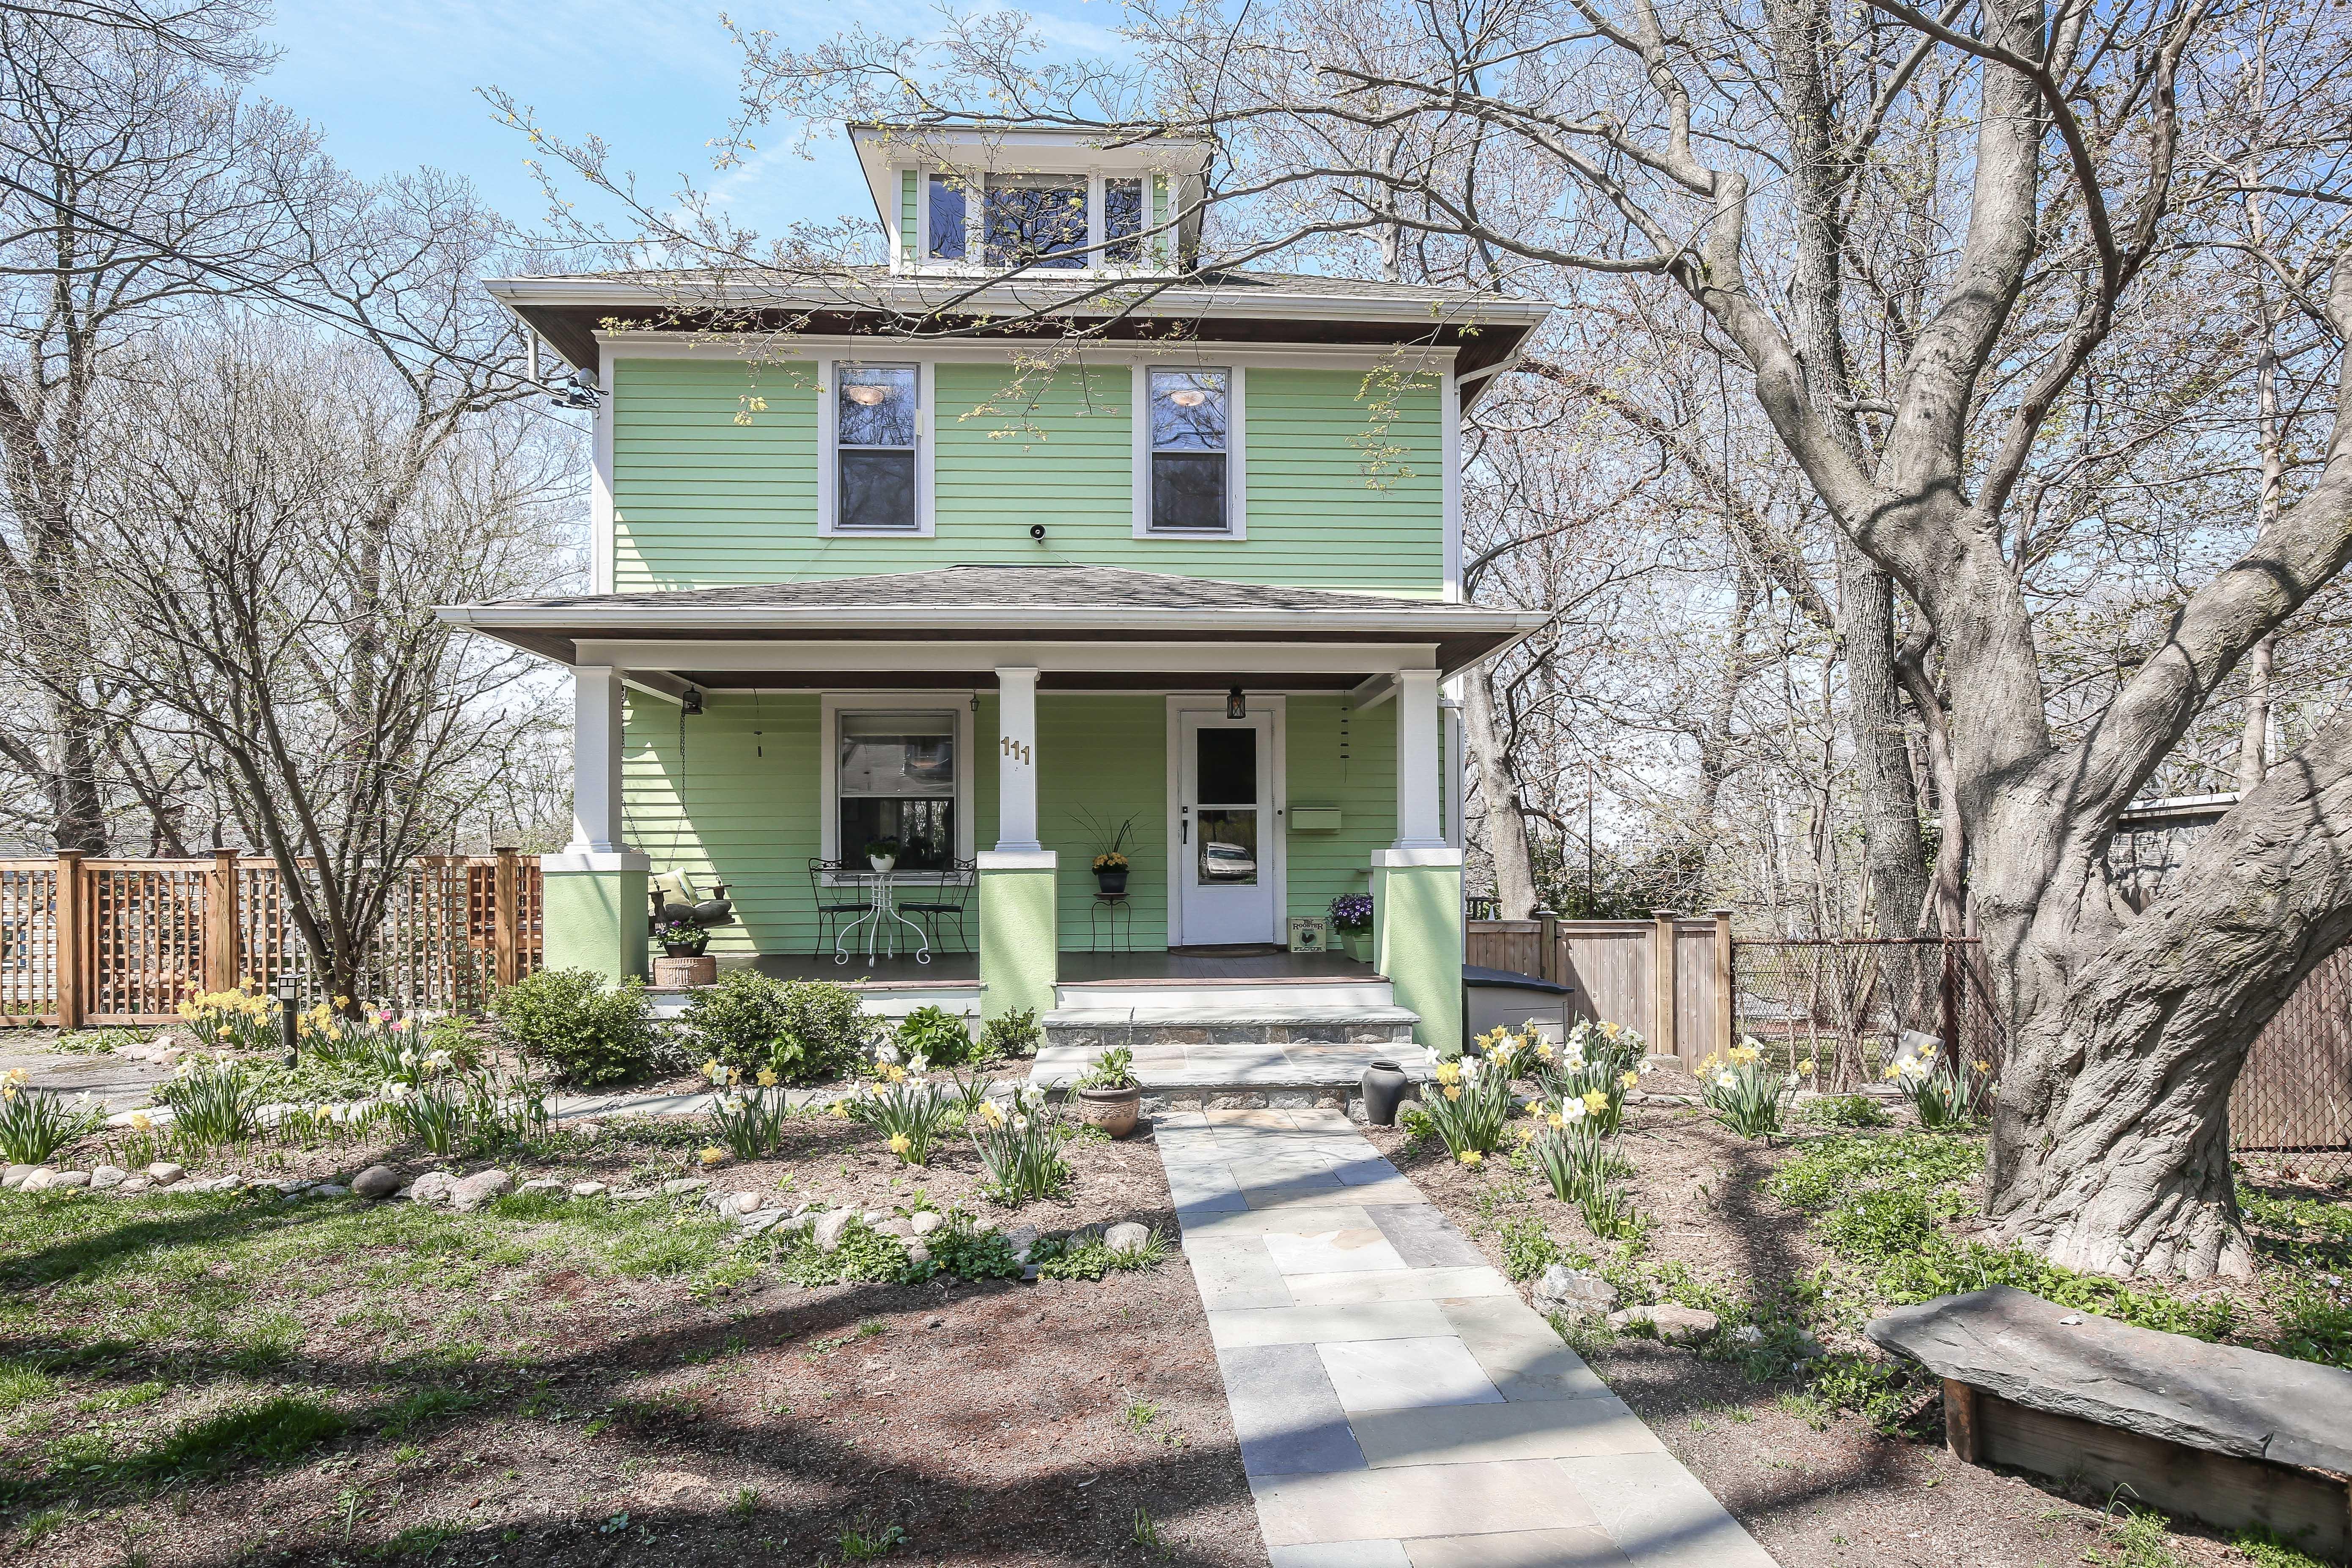 独户住宅 为 销售 在 Charming American Four Square 111 Cochrane Avenue 哈德逊, 纽约州, 10706 美国